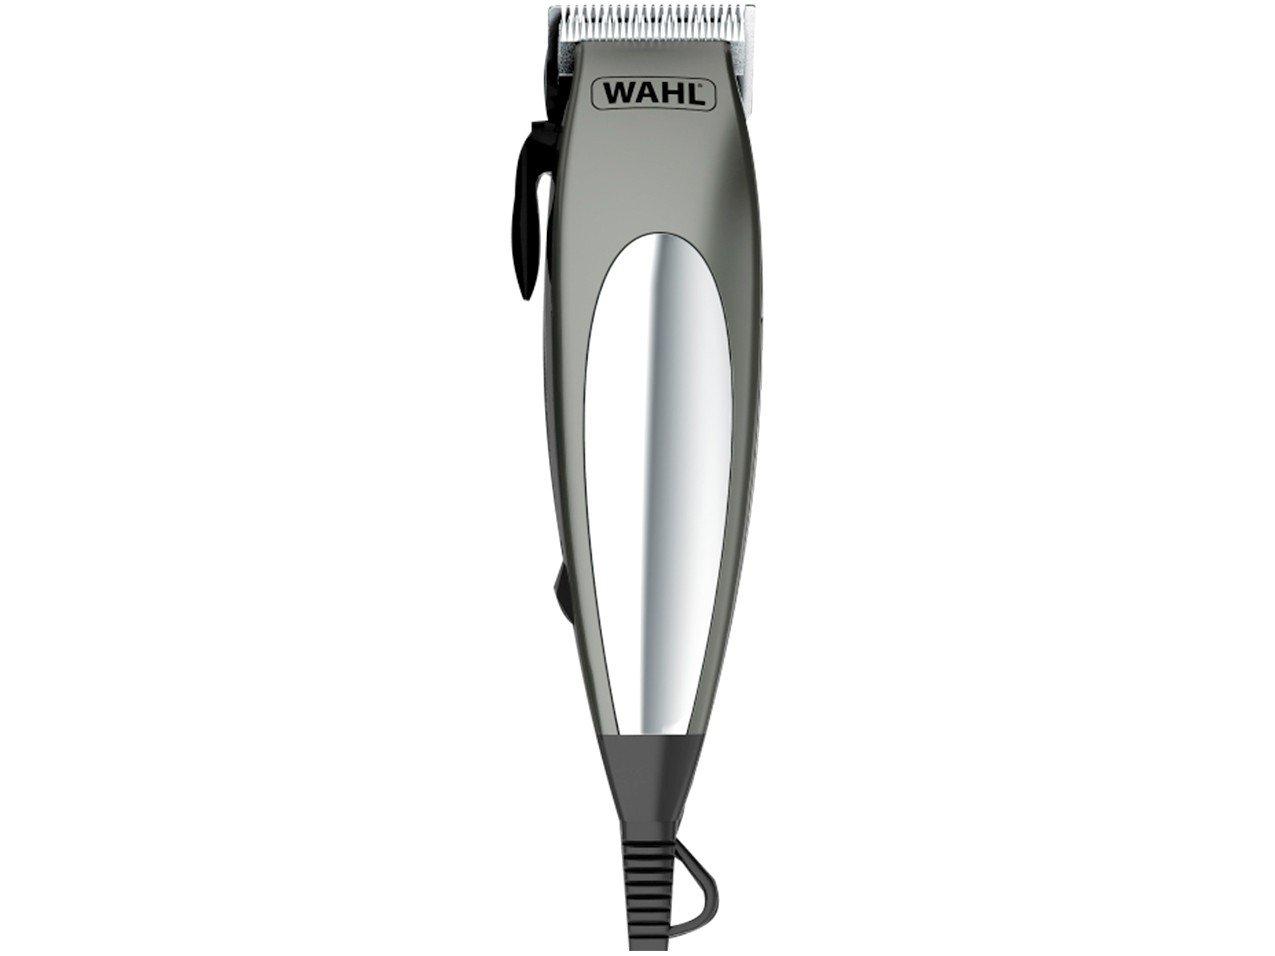 Kit Aparador de Cabelo e Pelos Wahl Deluxe Groom Pro 79305 - Cinza - 220V - 2